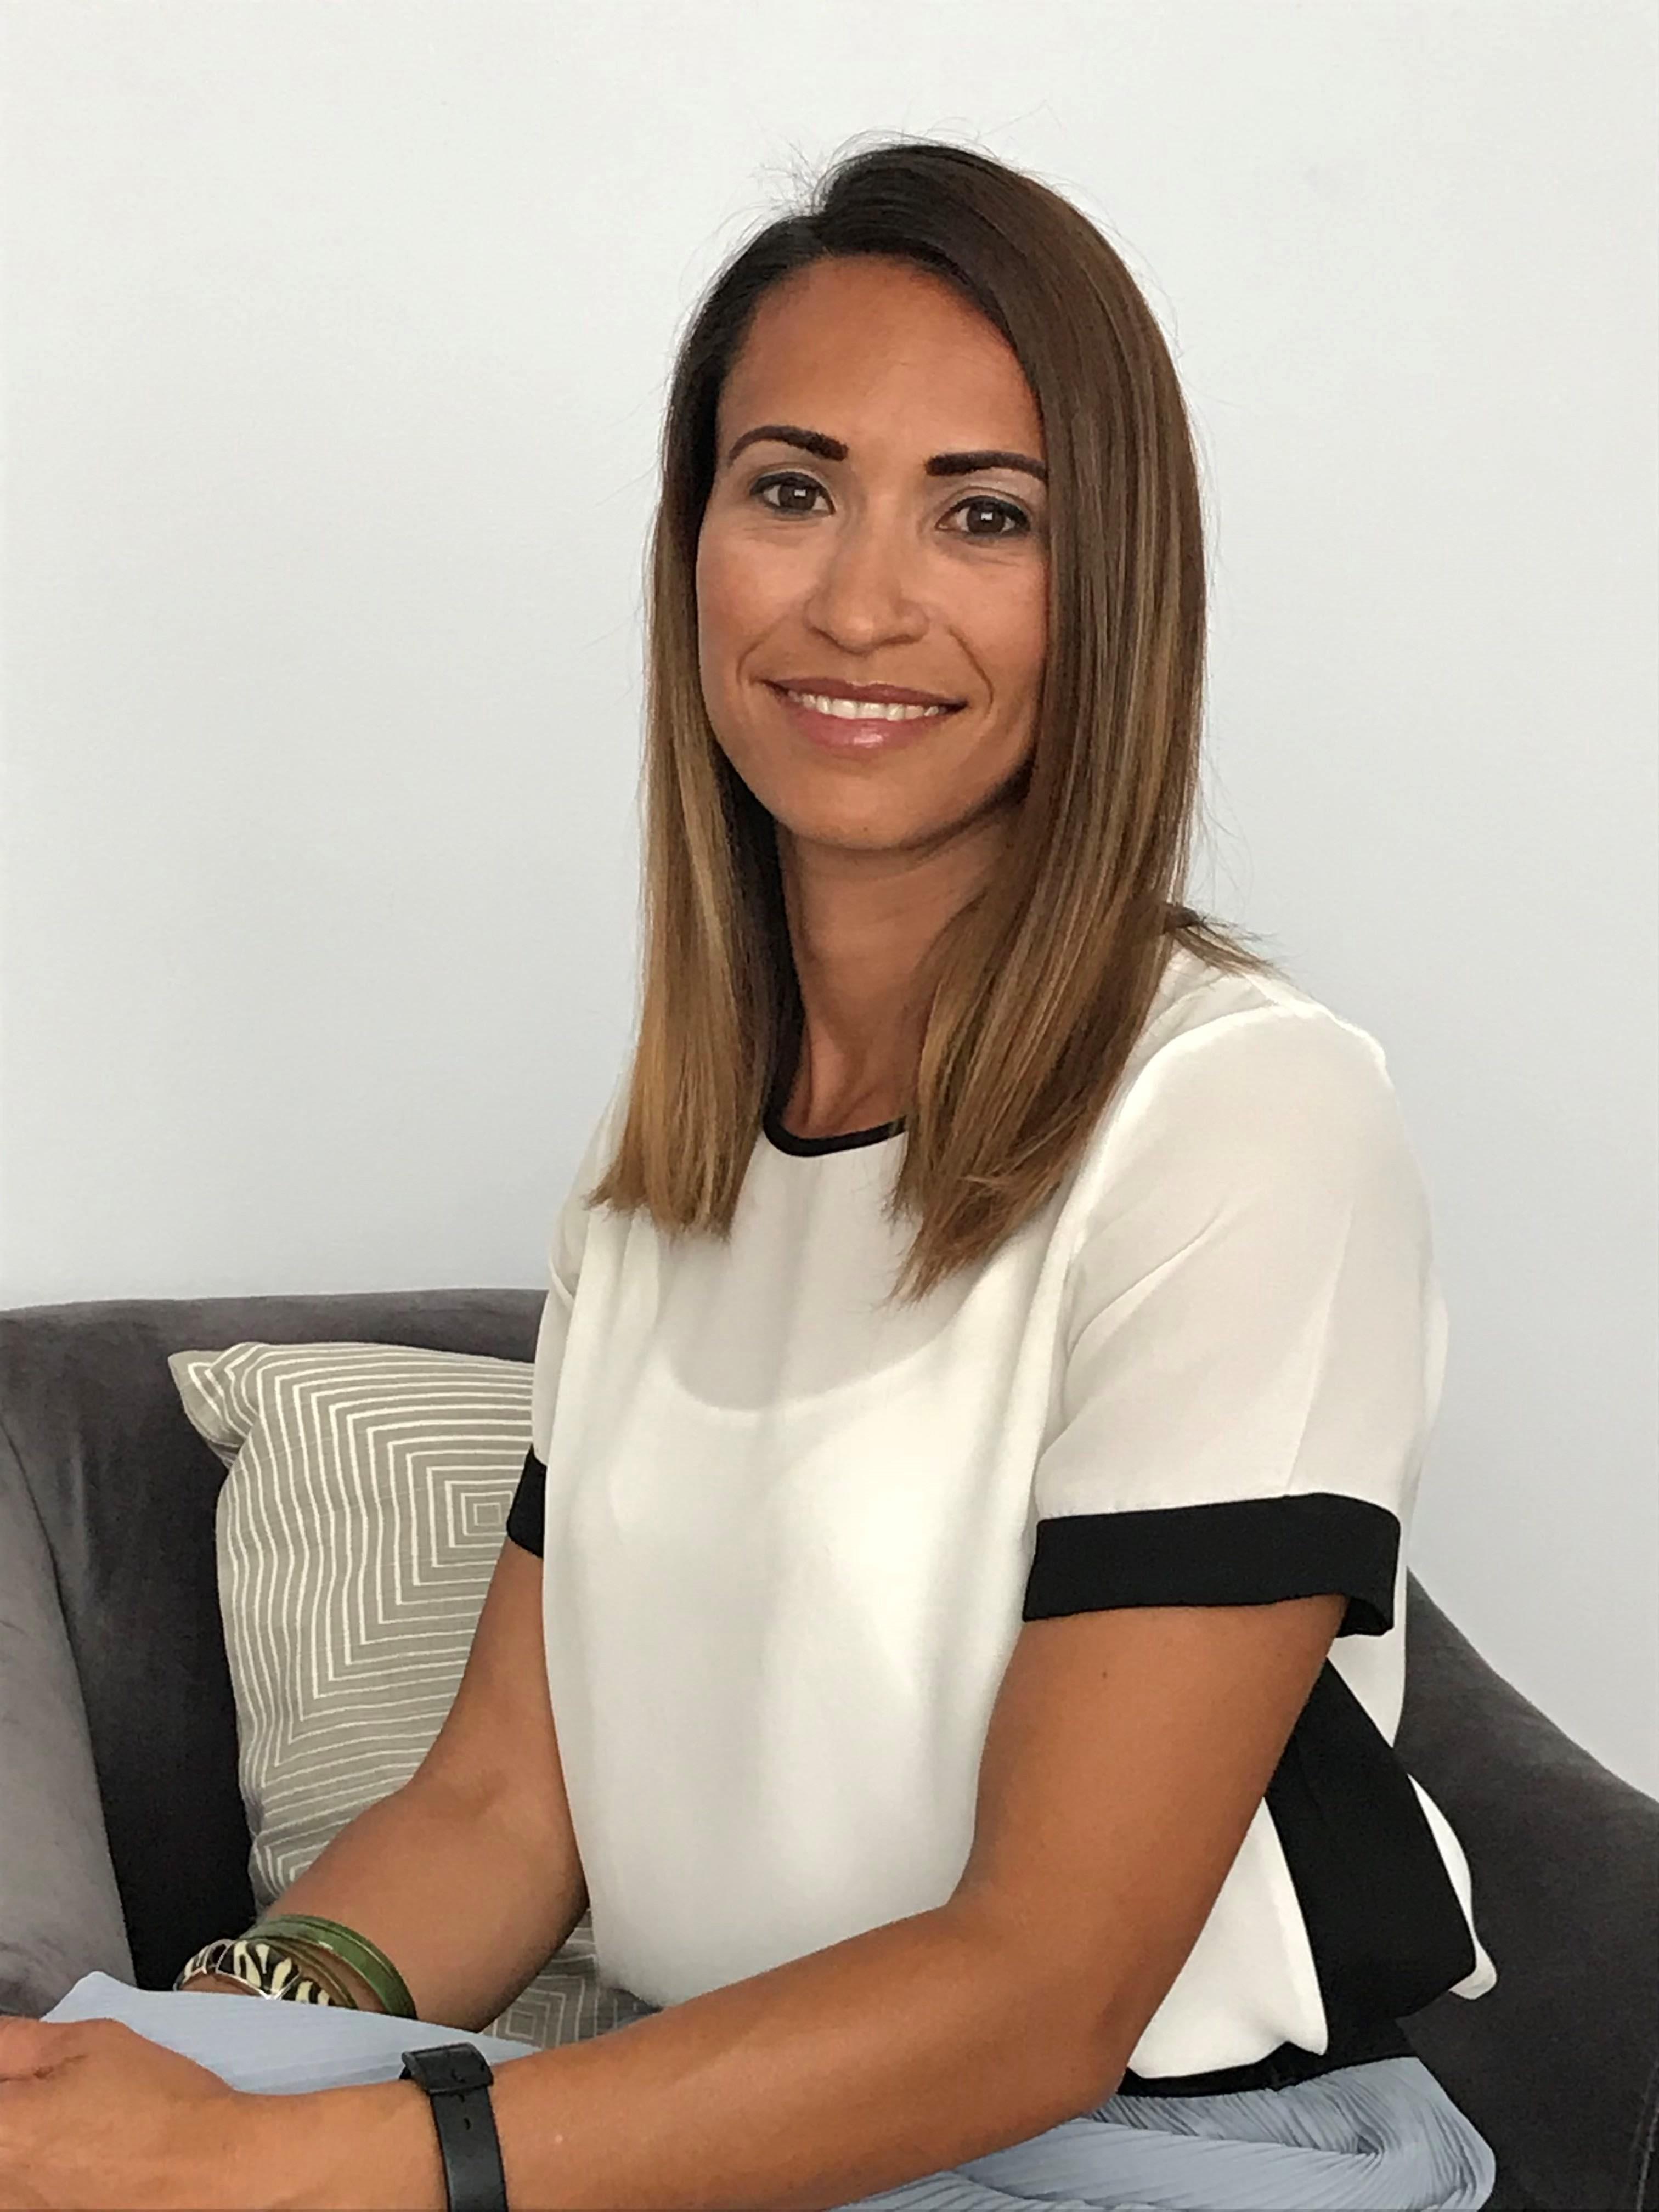 Vanessa Contreras-Negretti